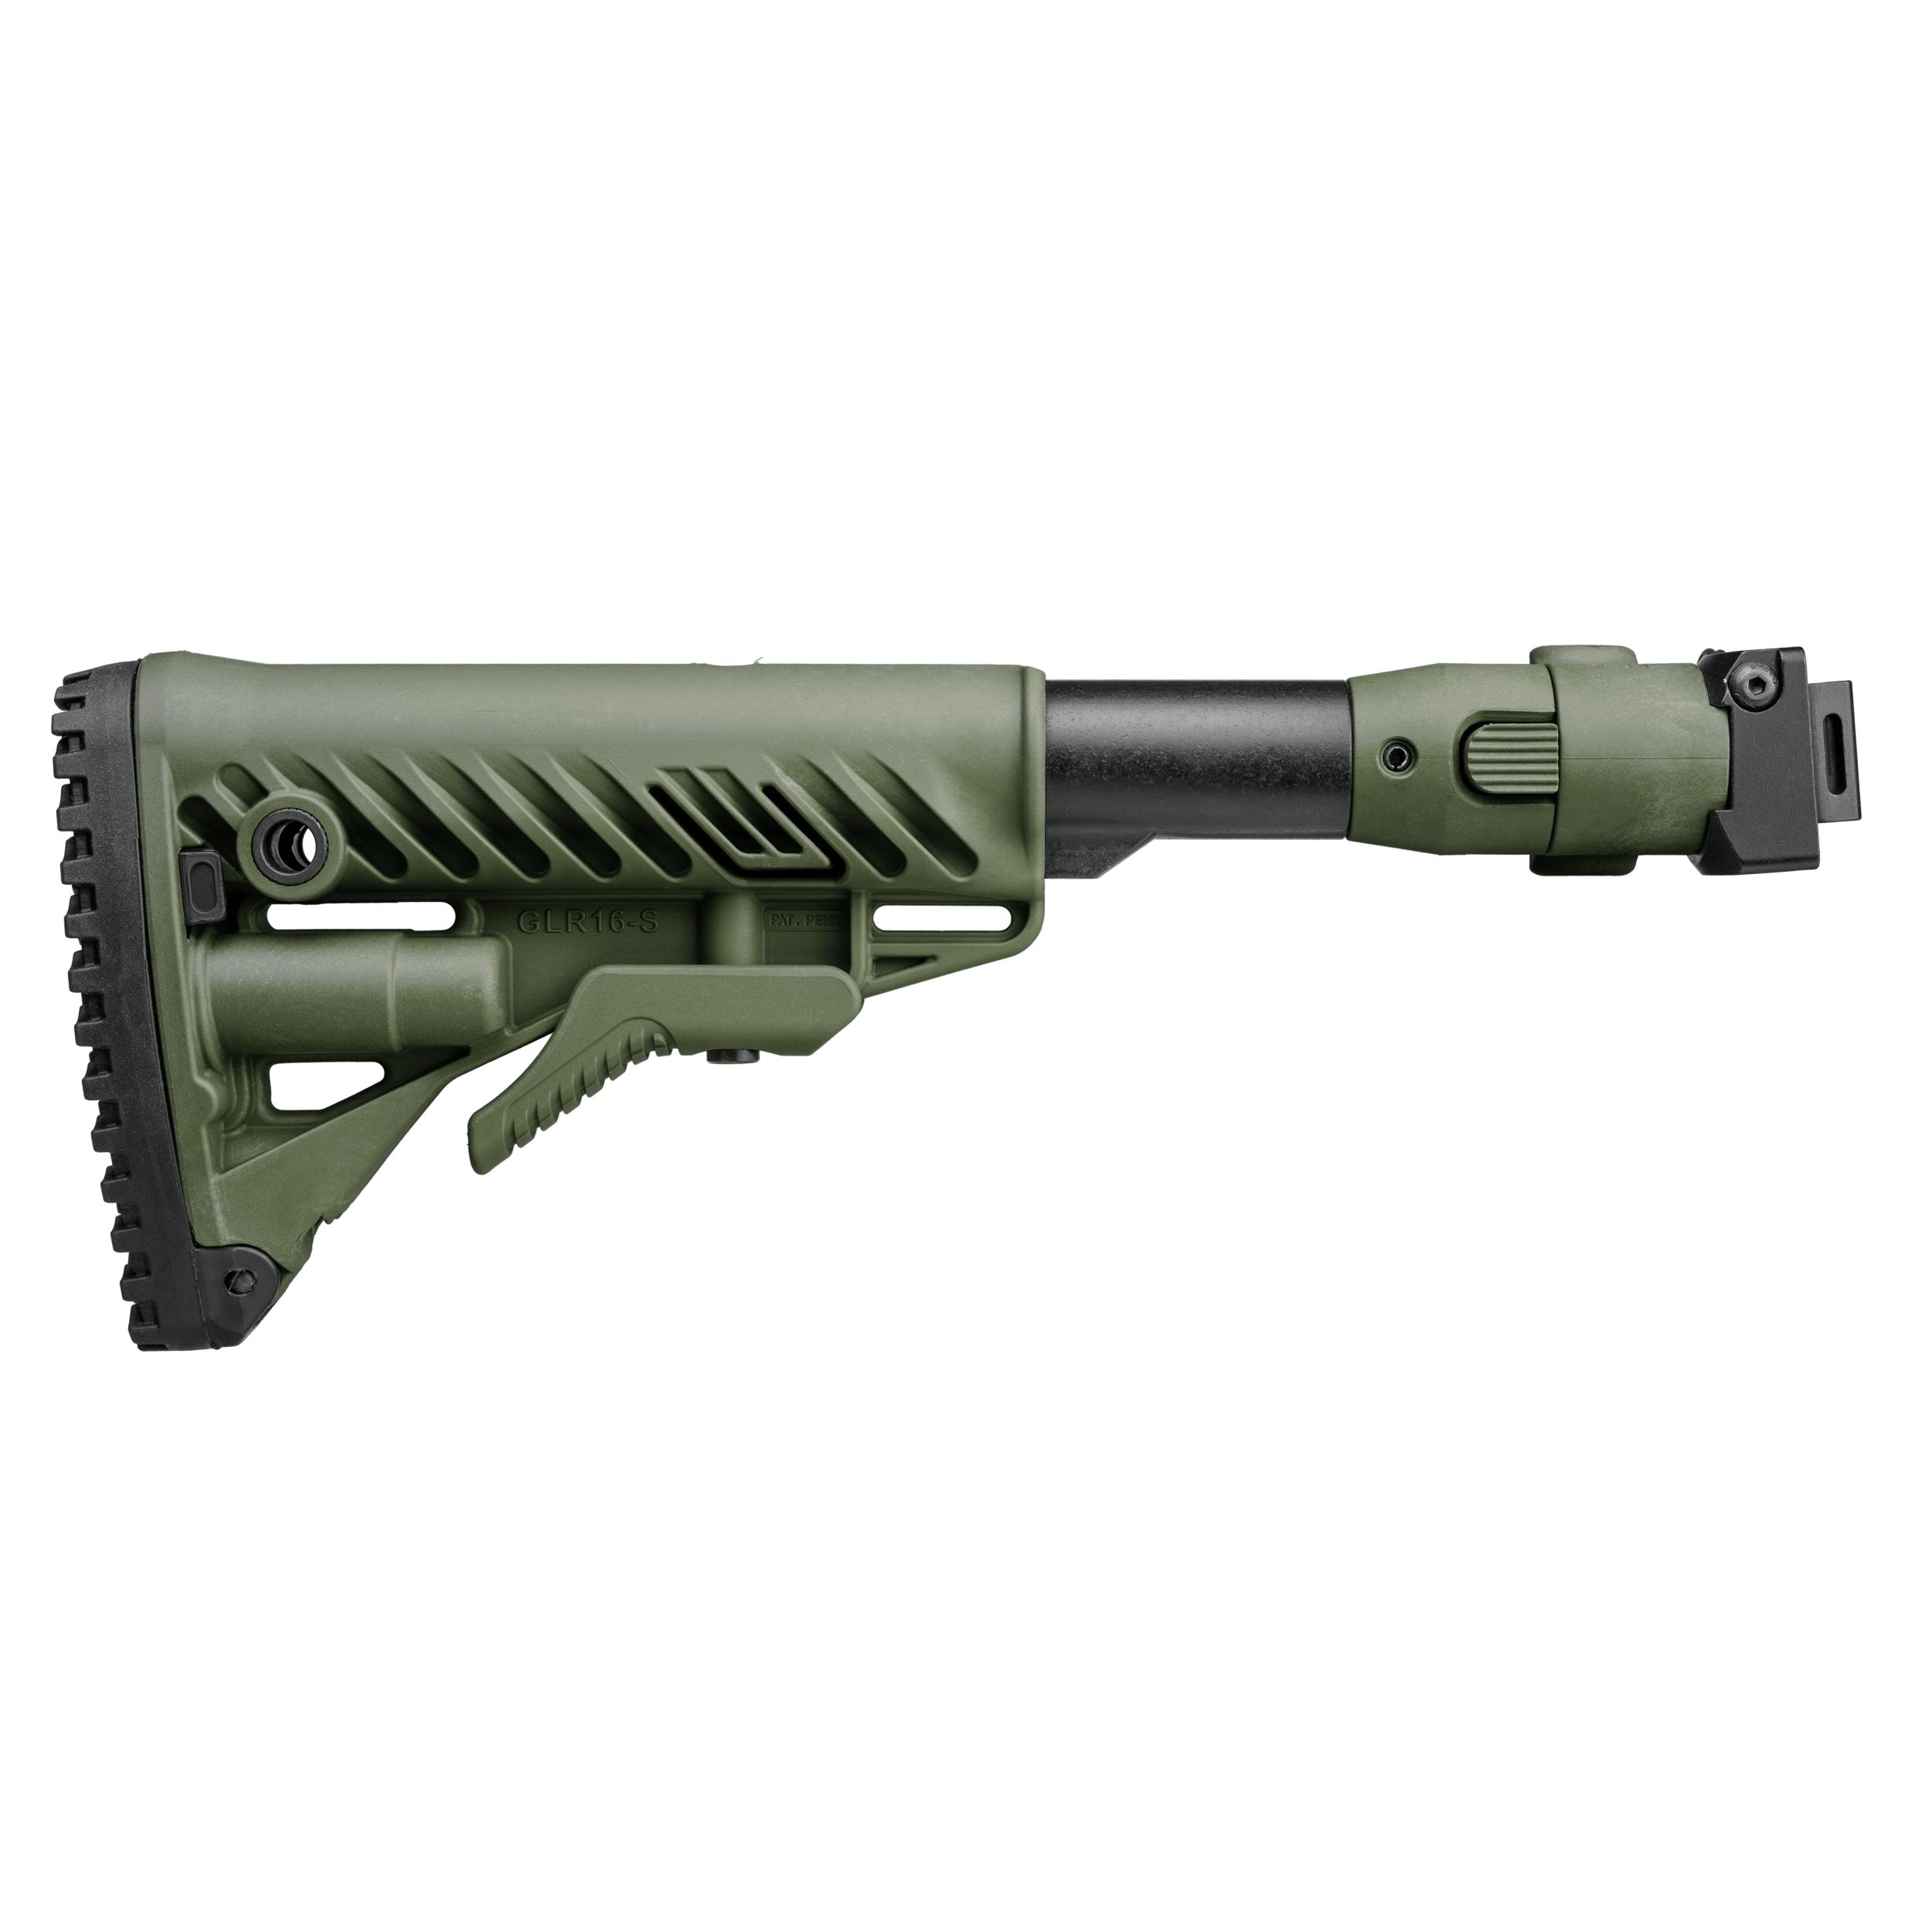 AKS-74U Folding Buttstock (Krinkov)